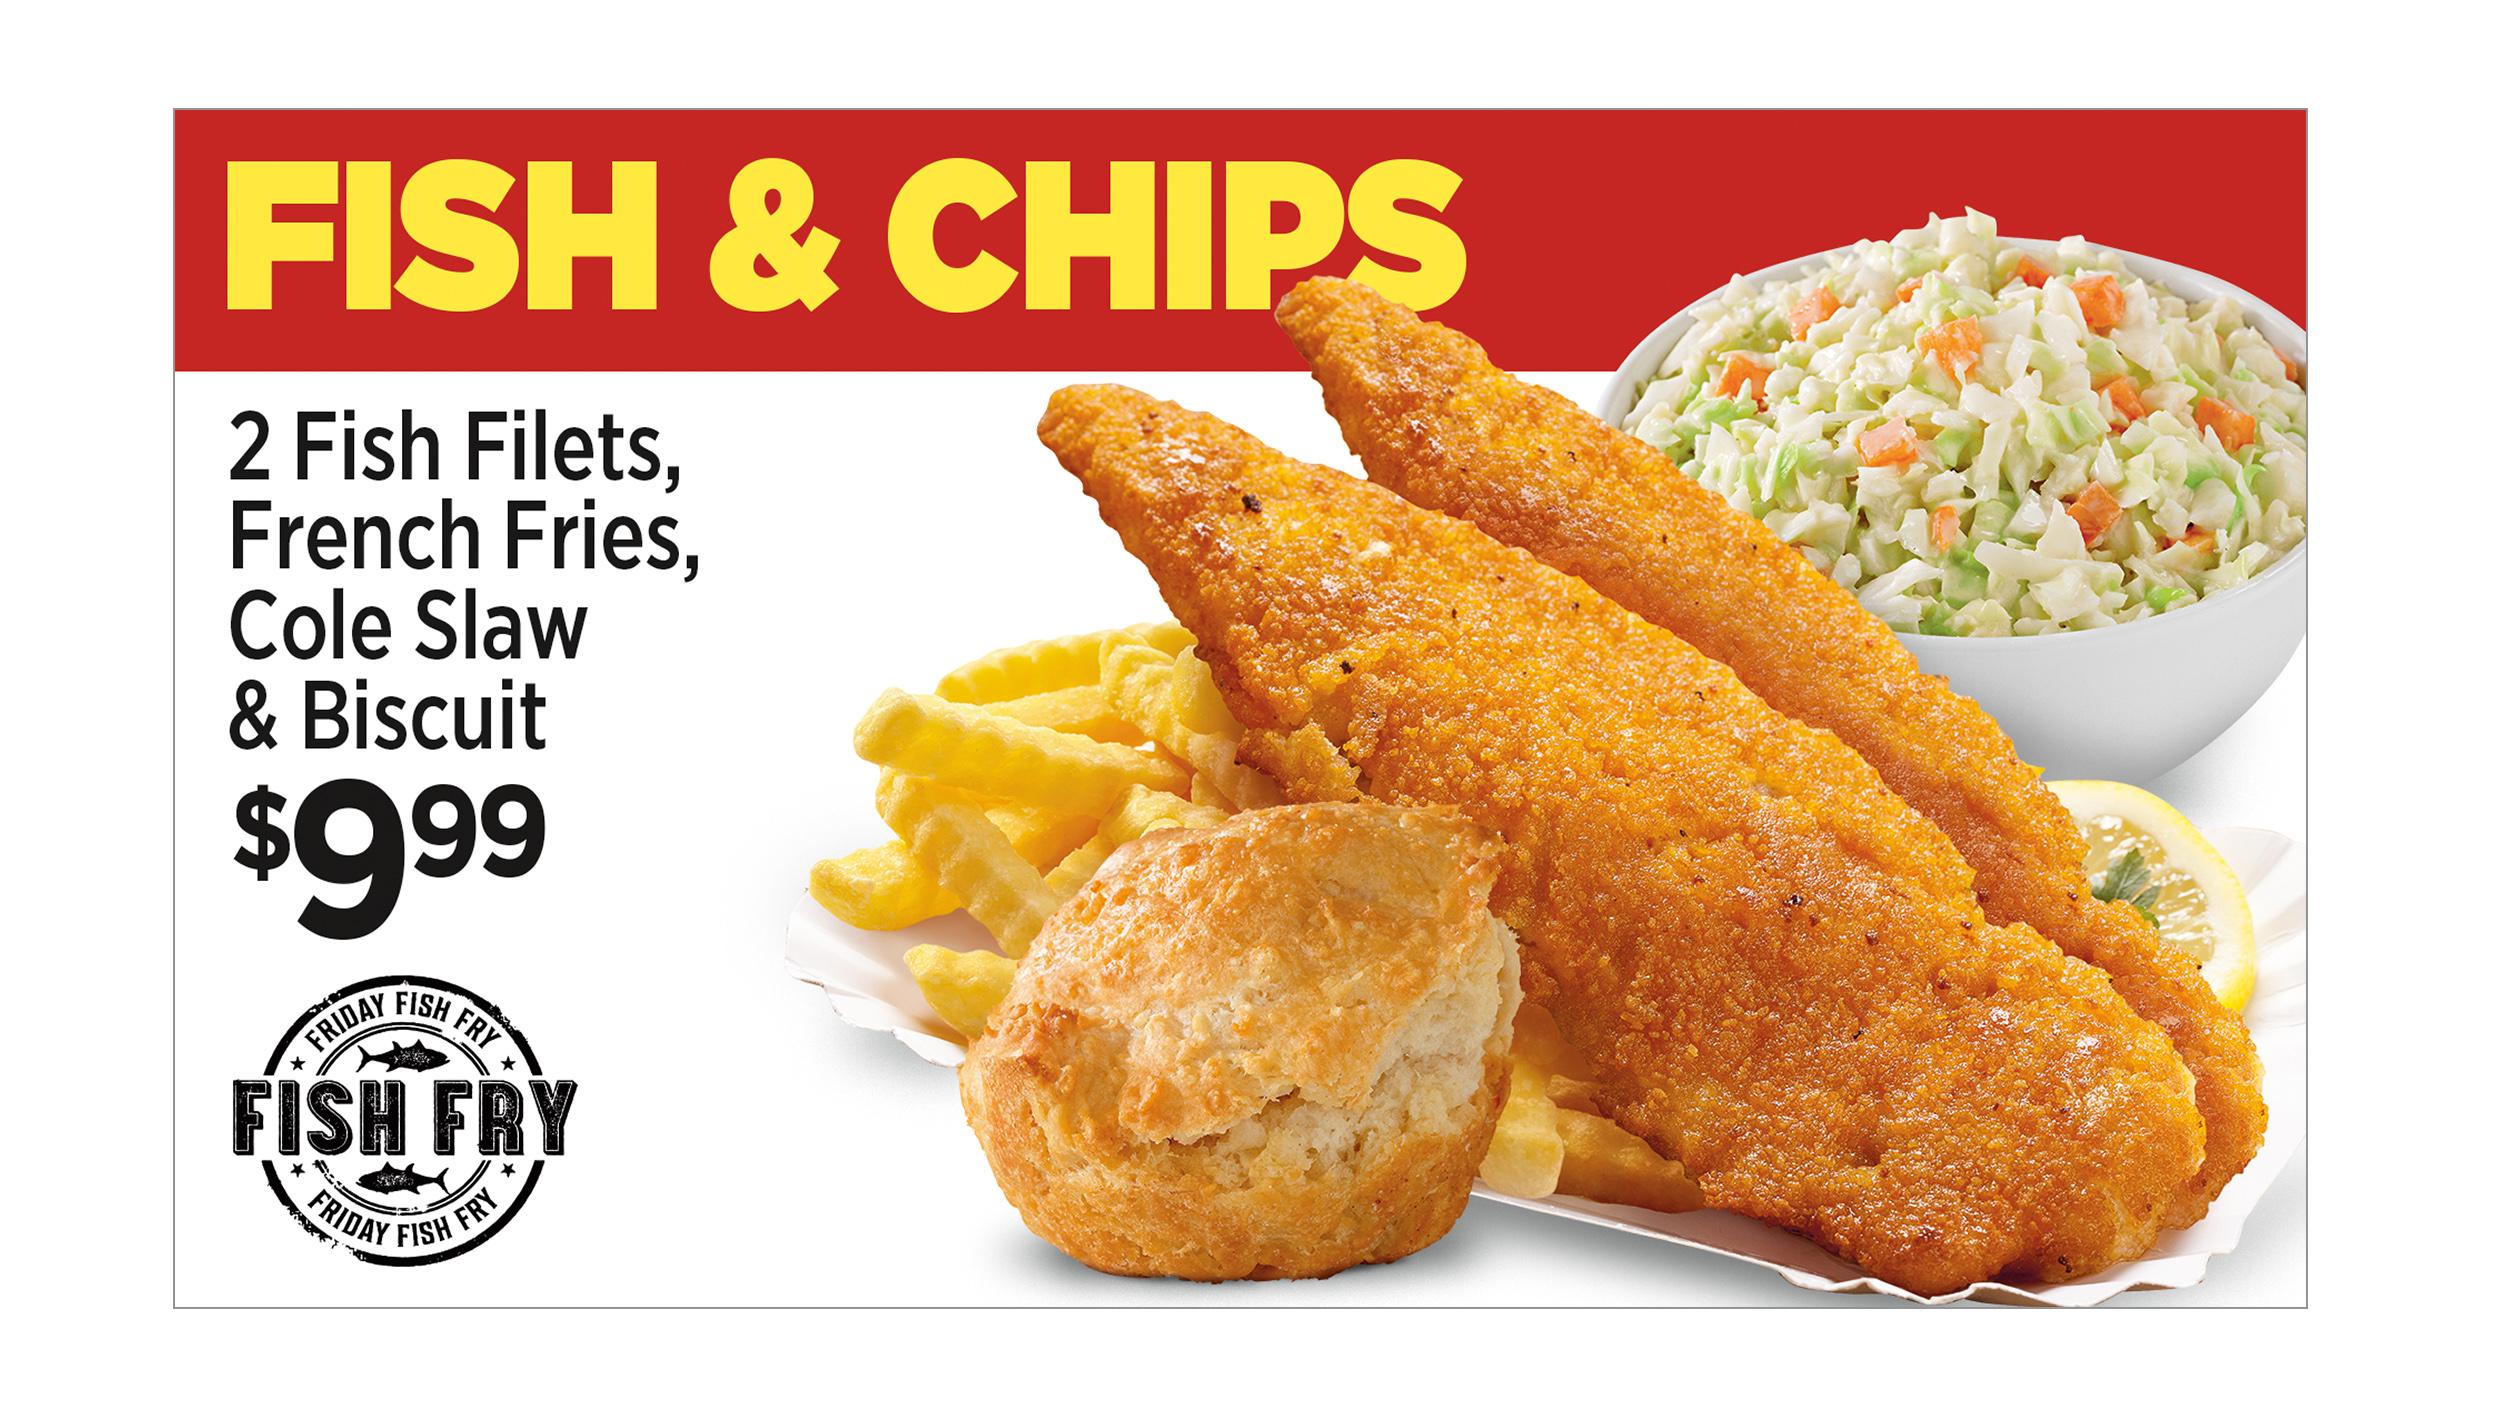 Brown-s-fish-chips-DigitalDisplays-BigFishGraphicDesign.jpg